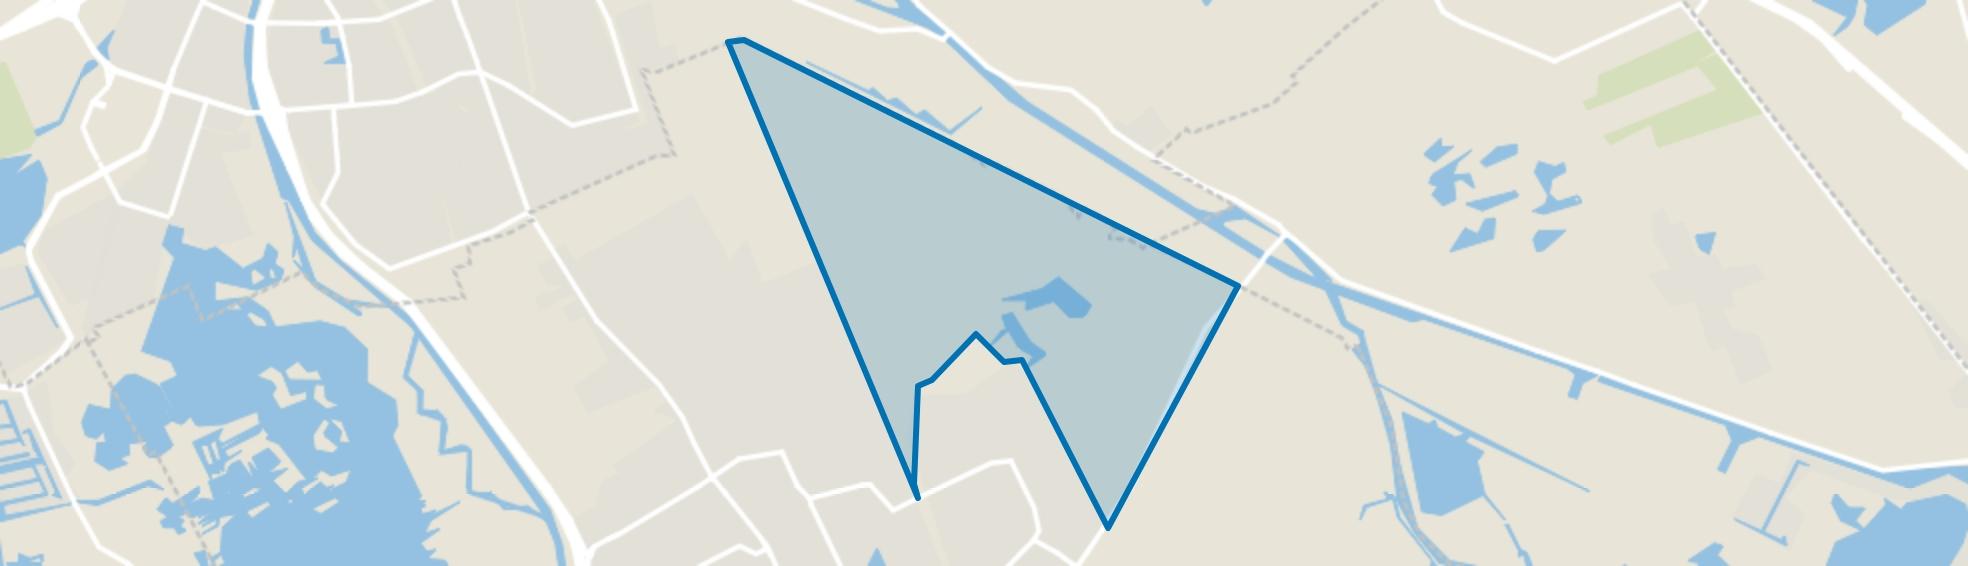 Buitengebied Haren-Noordoost, Haren (GR) map